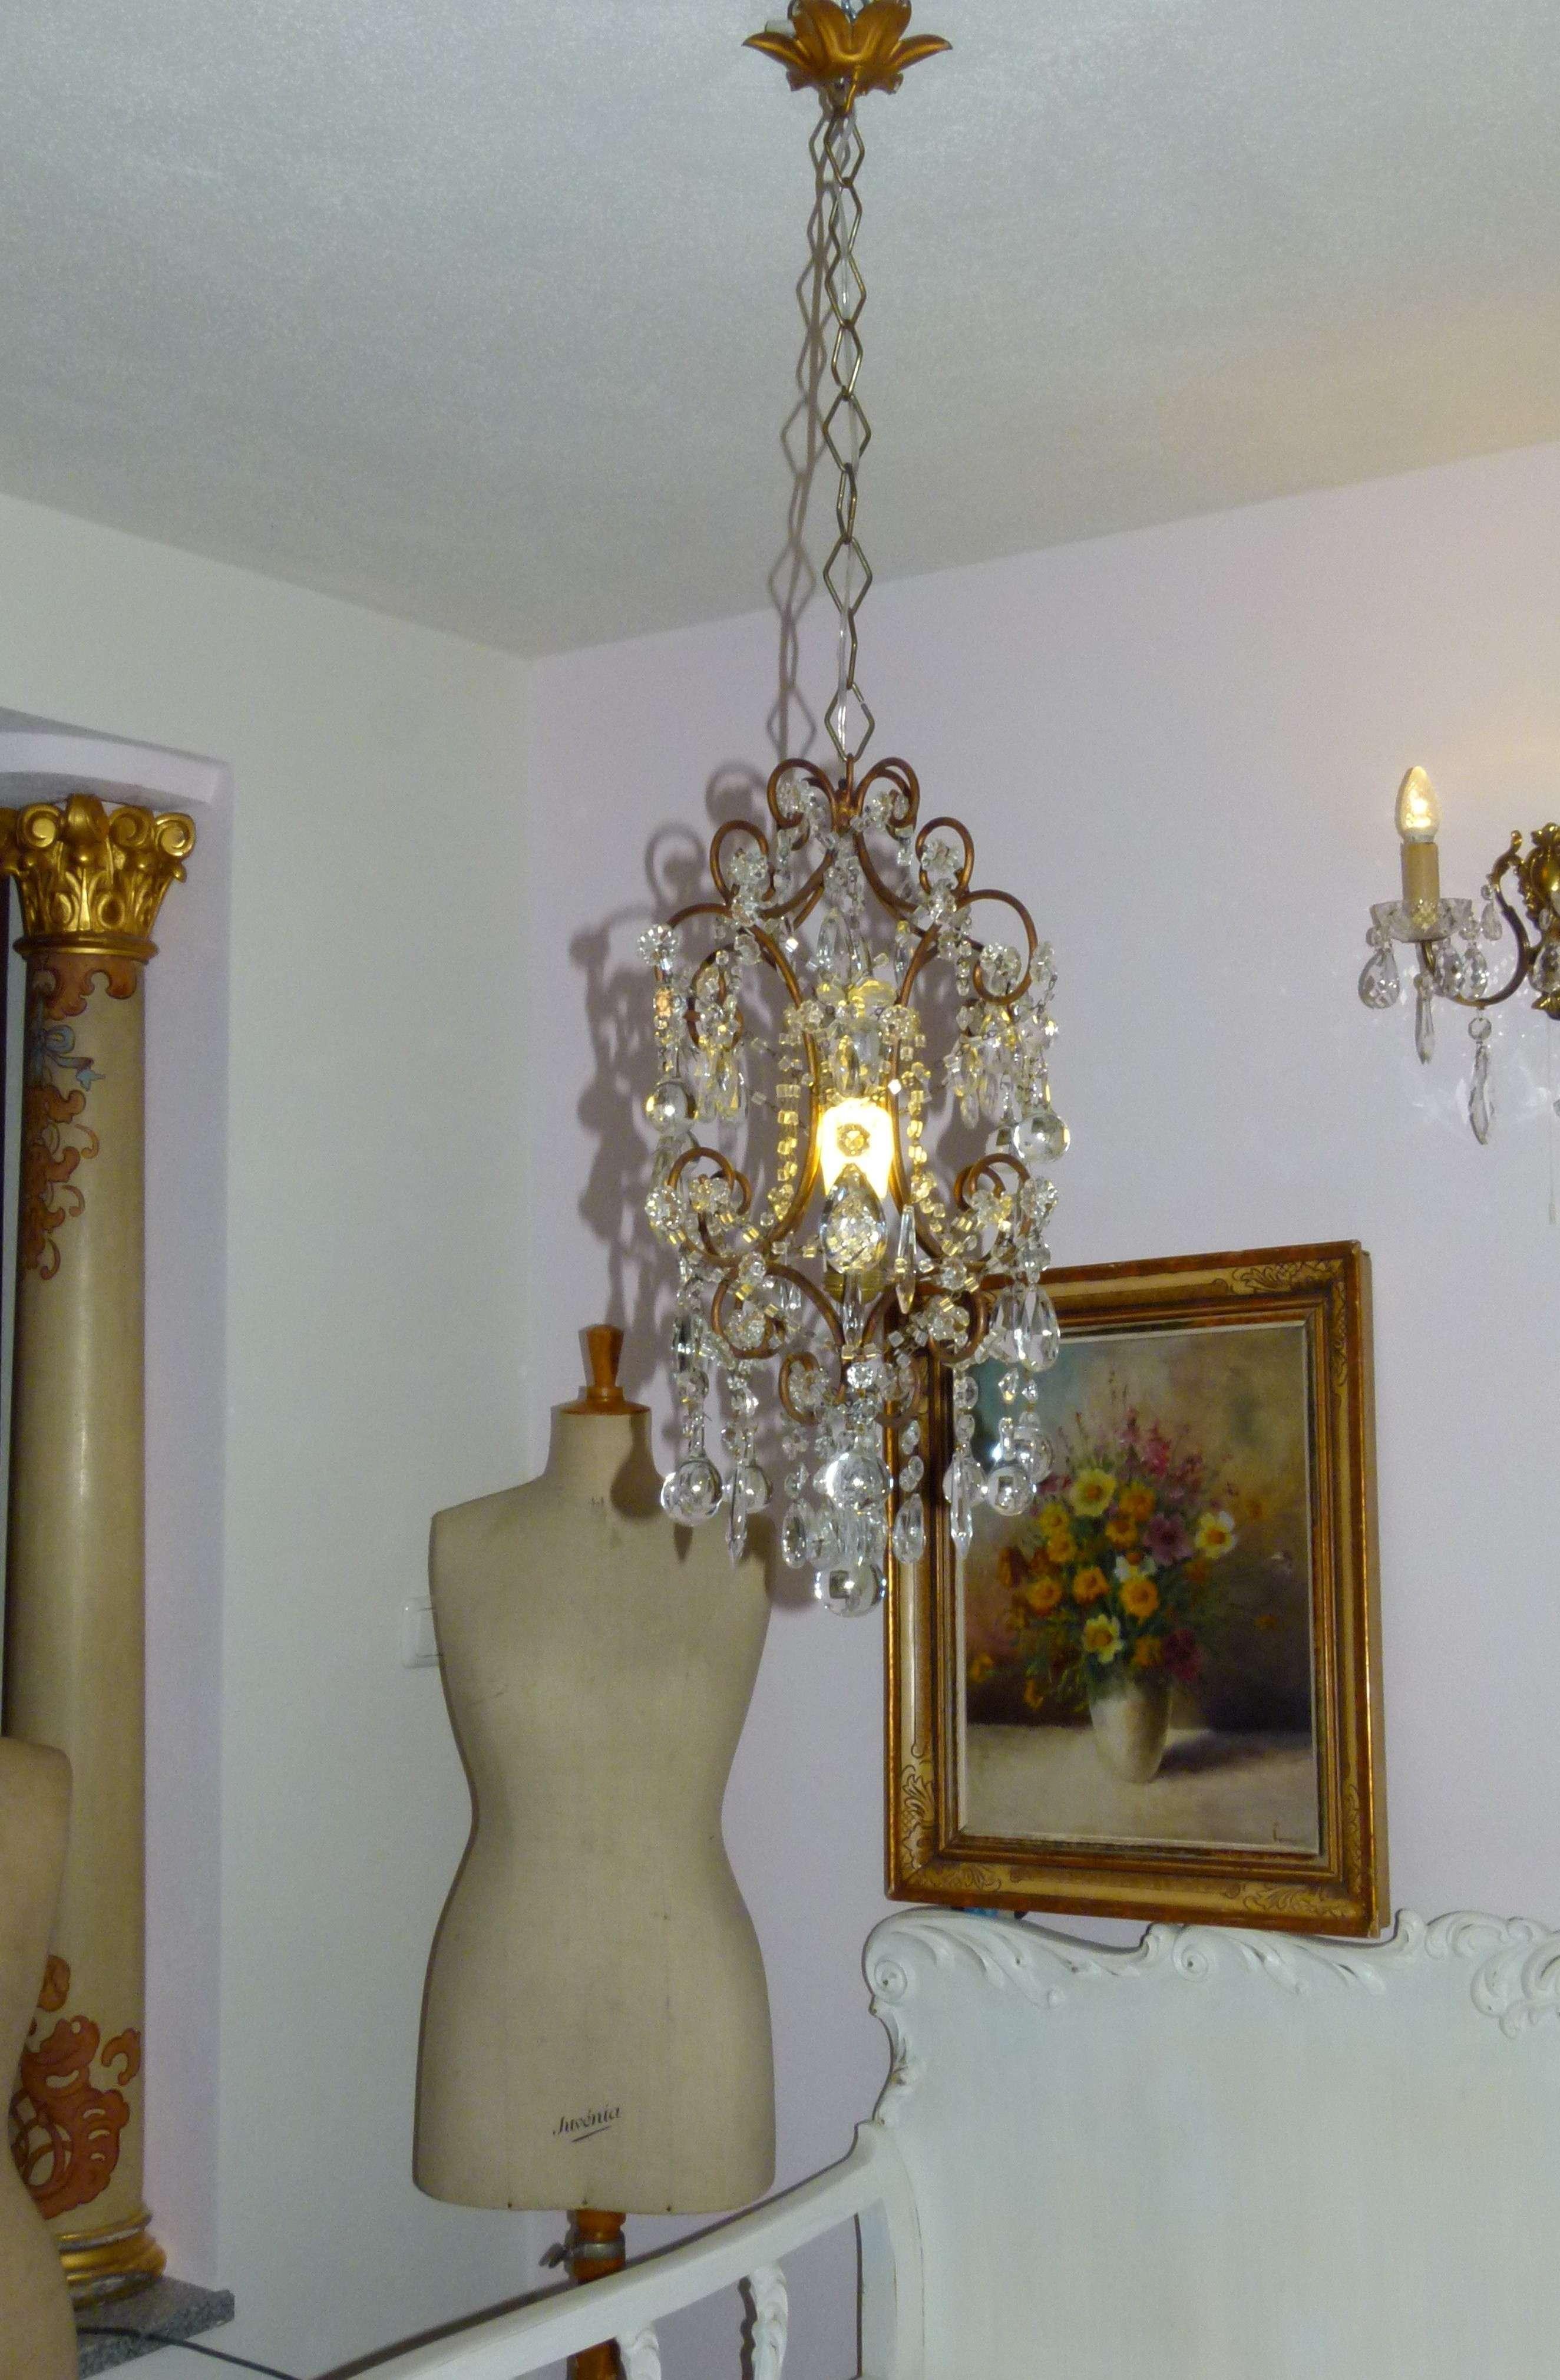 bezaubernder zierlicher alter franz sischer chandelier kronleuchter shabby chic ebay. Black Bedroom Furniture Sets. Home Design Ideas